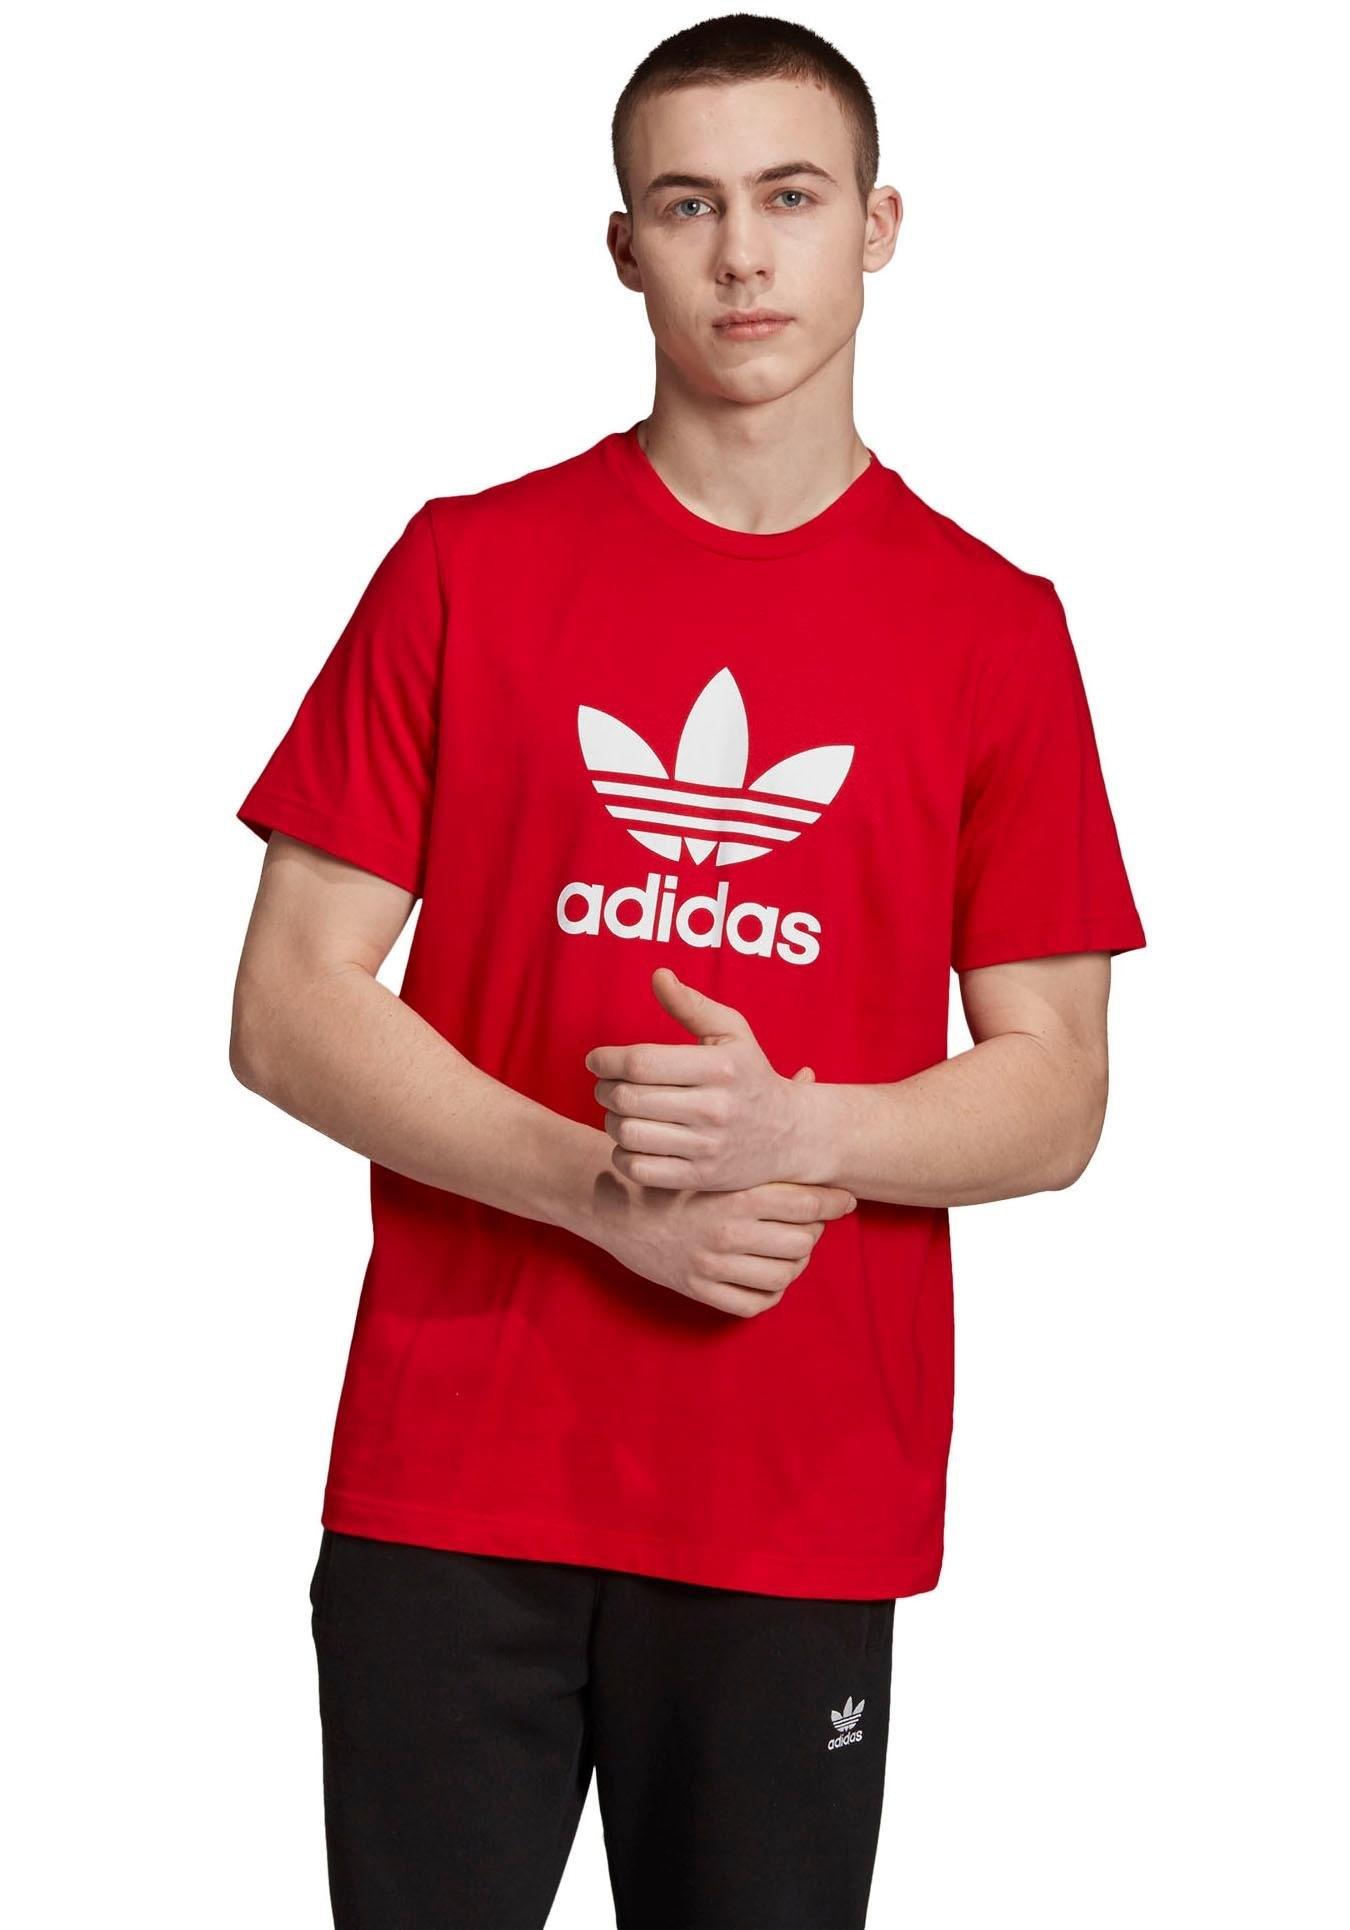 adidas Originals T-shirt »TREFOIL T-SHIRT« voordelig en veilig online kopen